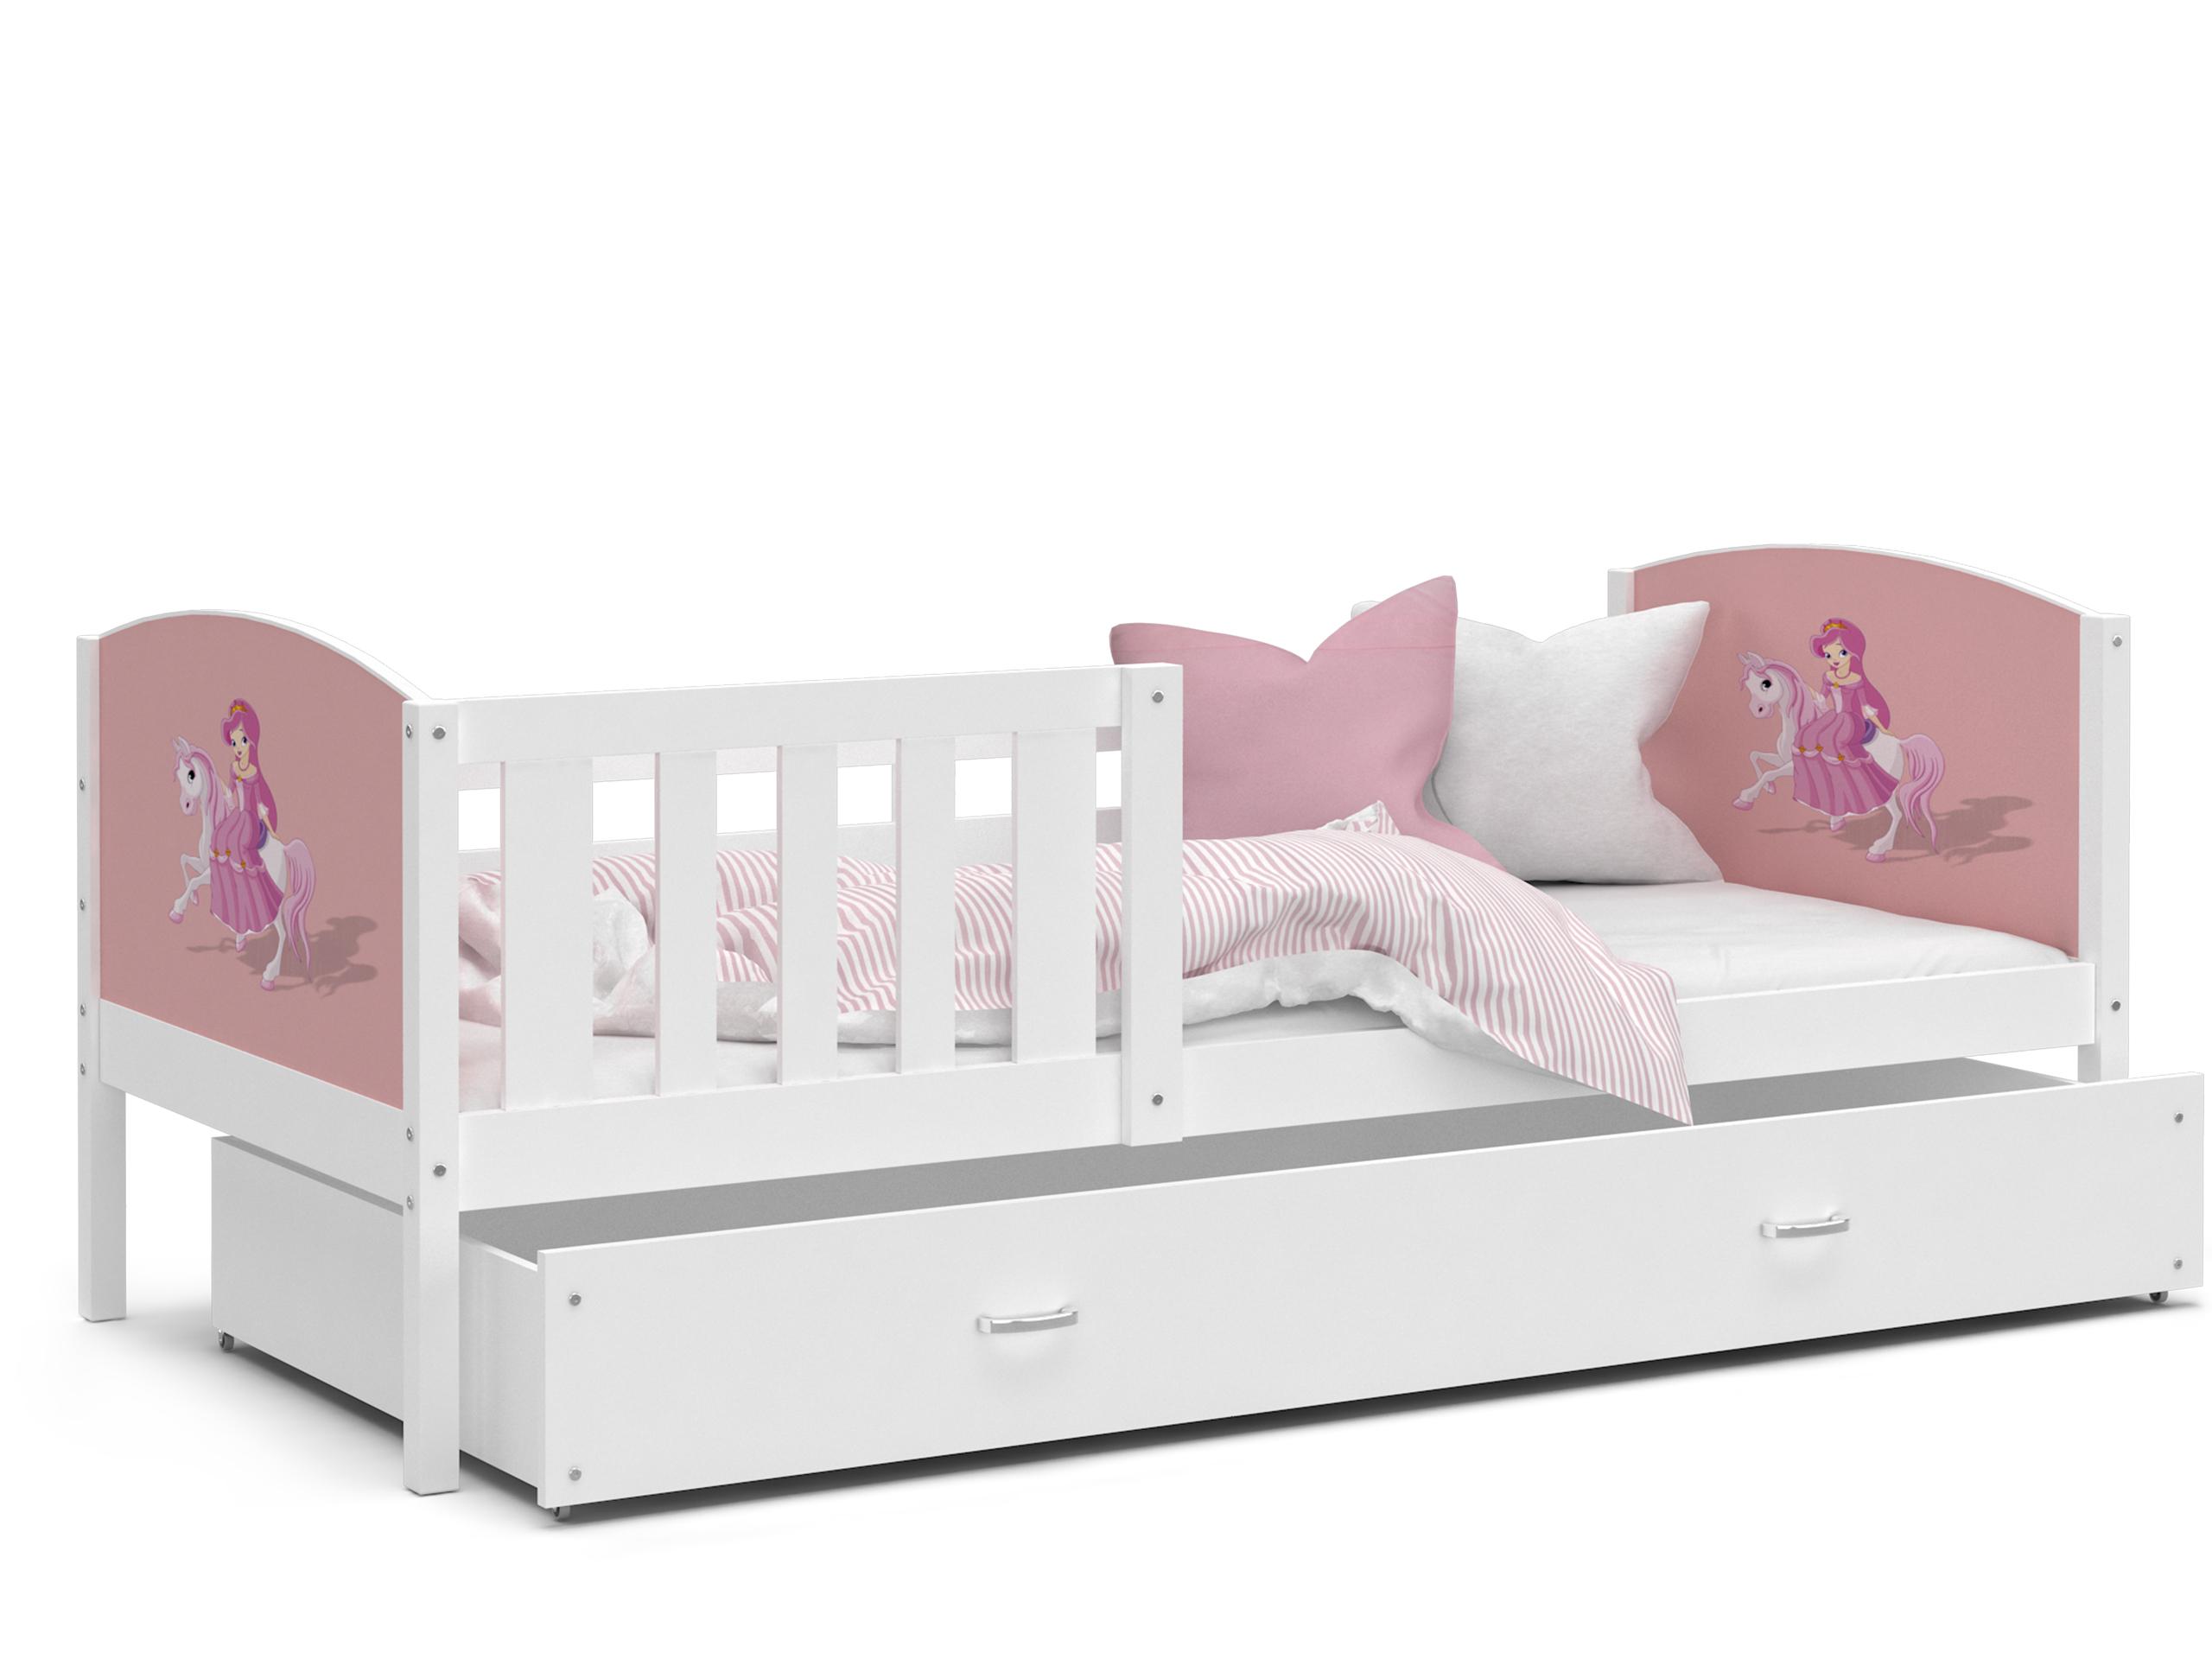 ArtAJ Detská posteľ Tami P / biela Tami rozmer: 160 x 80 cm, s matracom